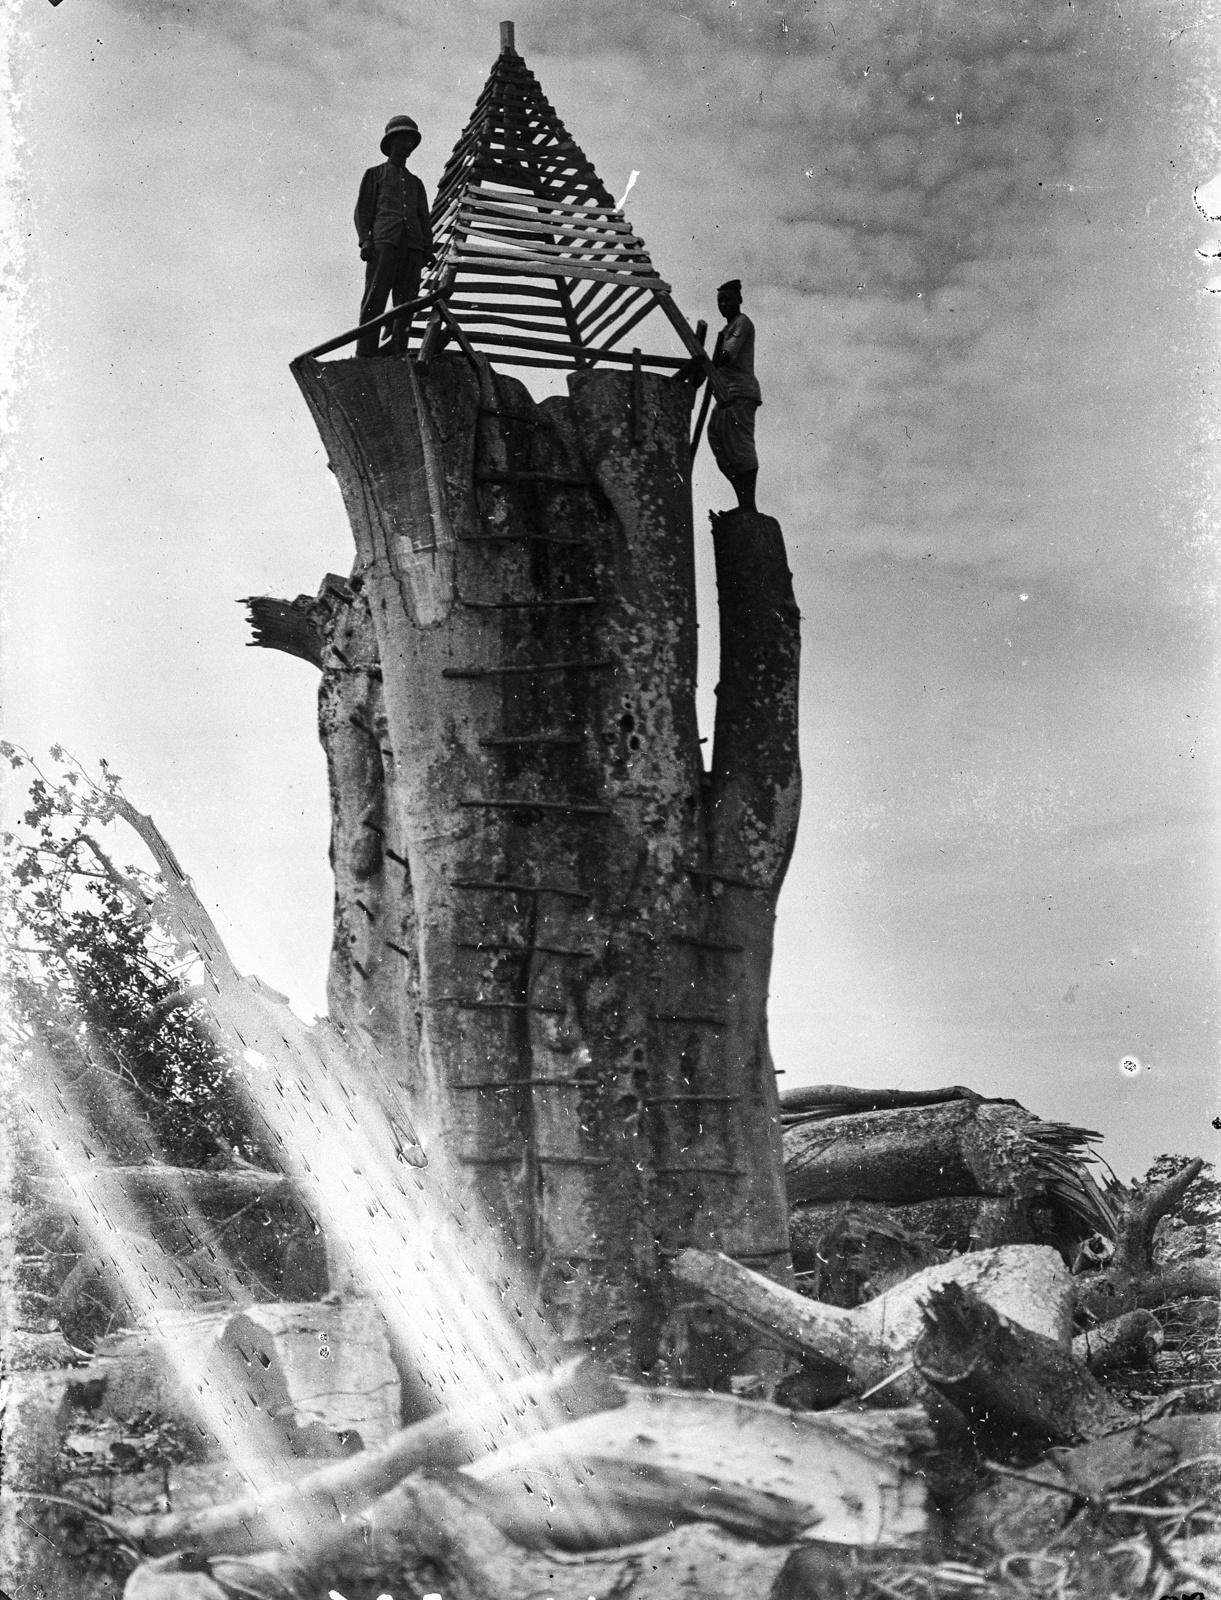 43. Танга. Двое мужчин и пирамидальная рама на распиленном стволе баобаба